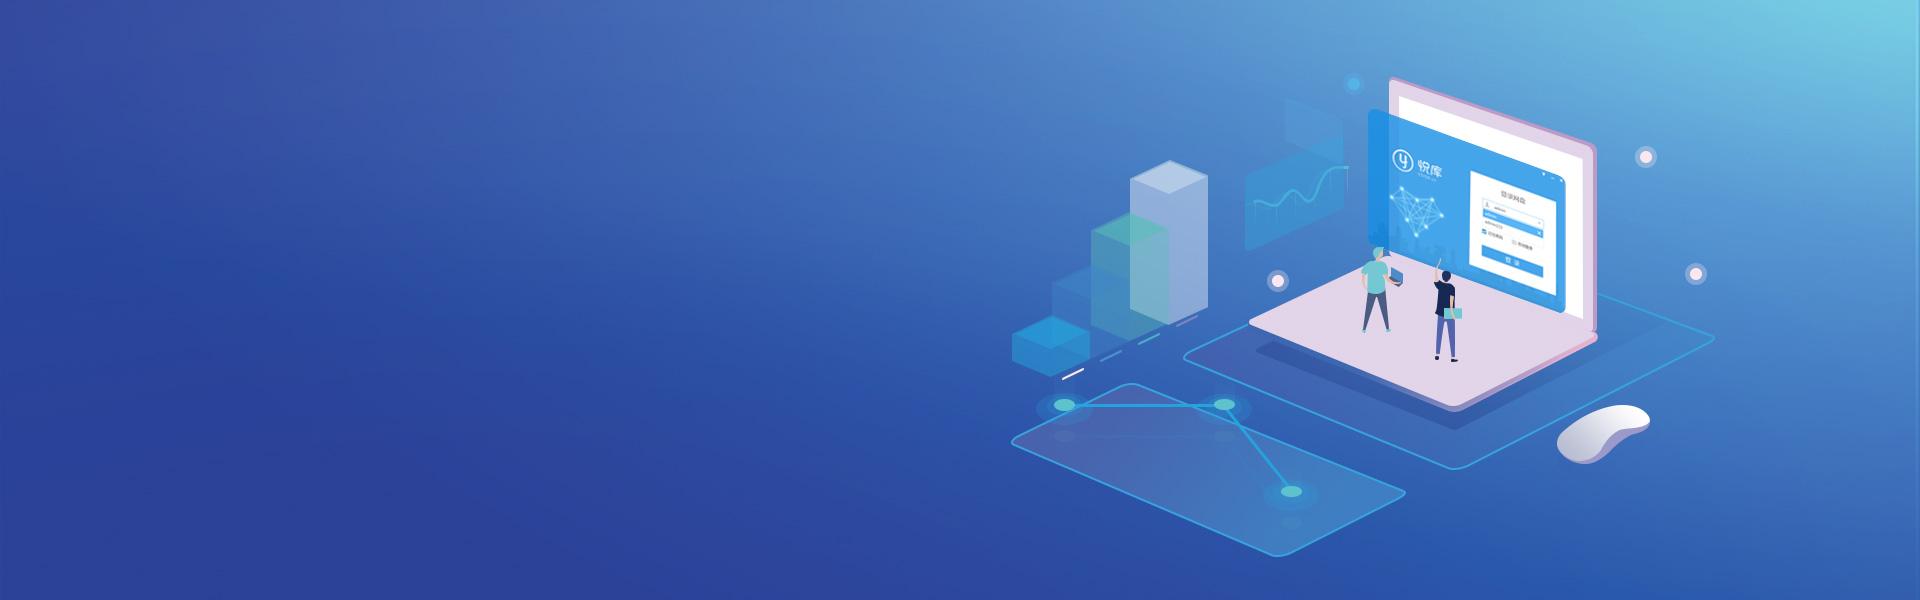 悦库是免费、专业的文件管理软件